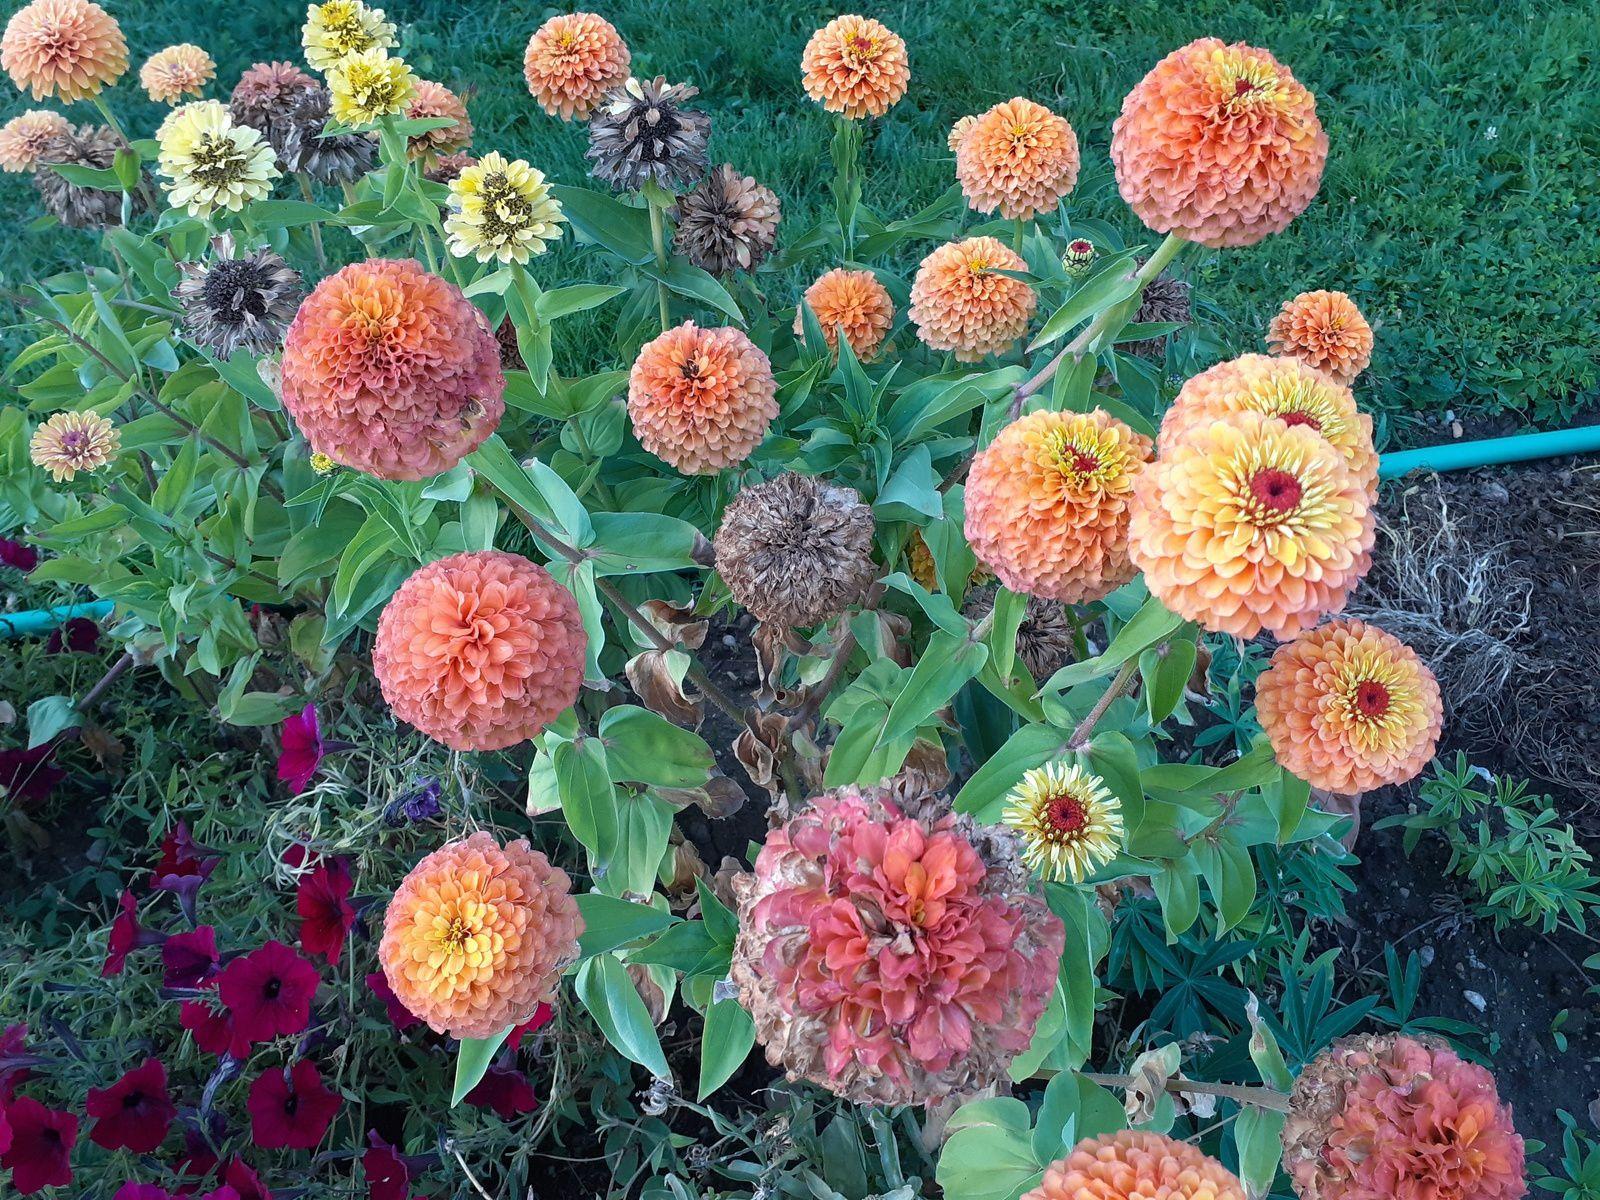 Quelques unes des fleurs rencontrées lors de ma promenade au Jardin des Plantes